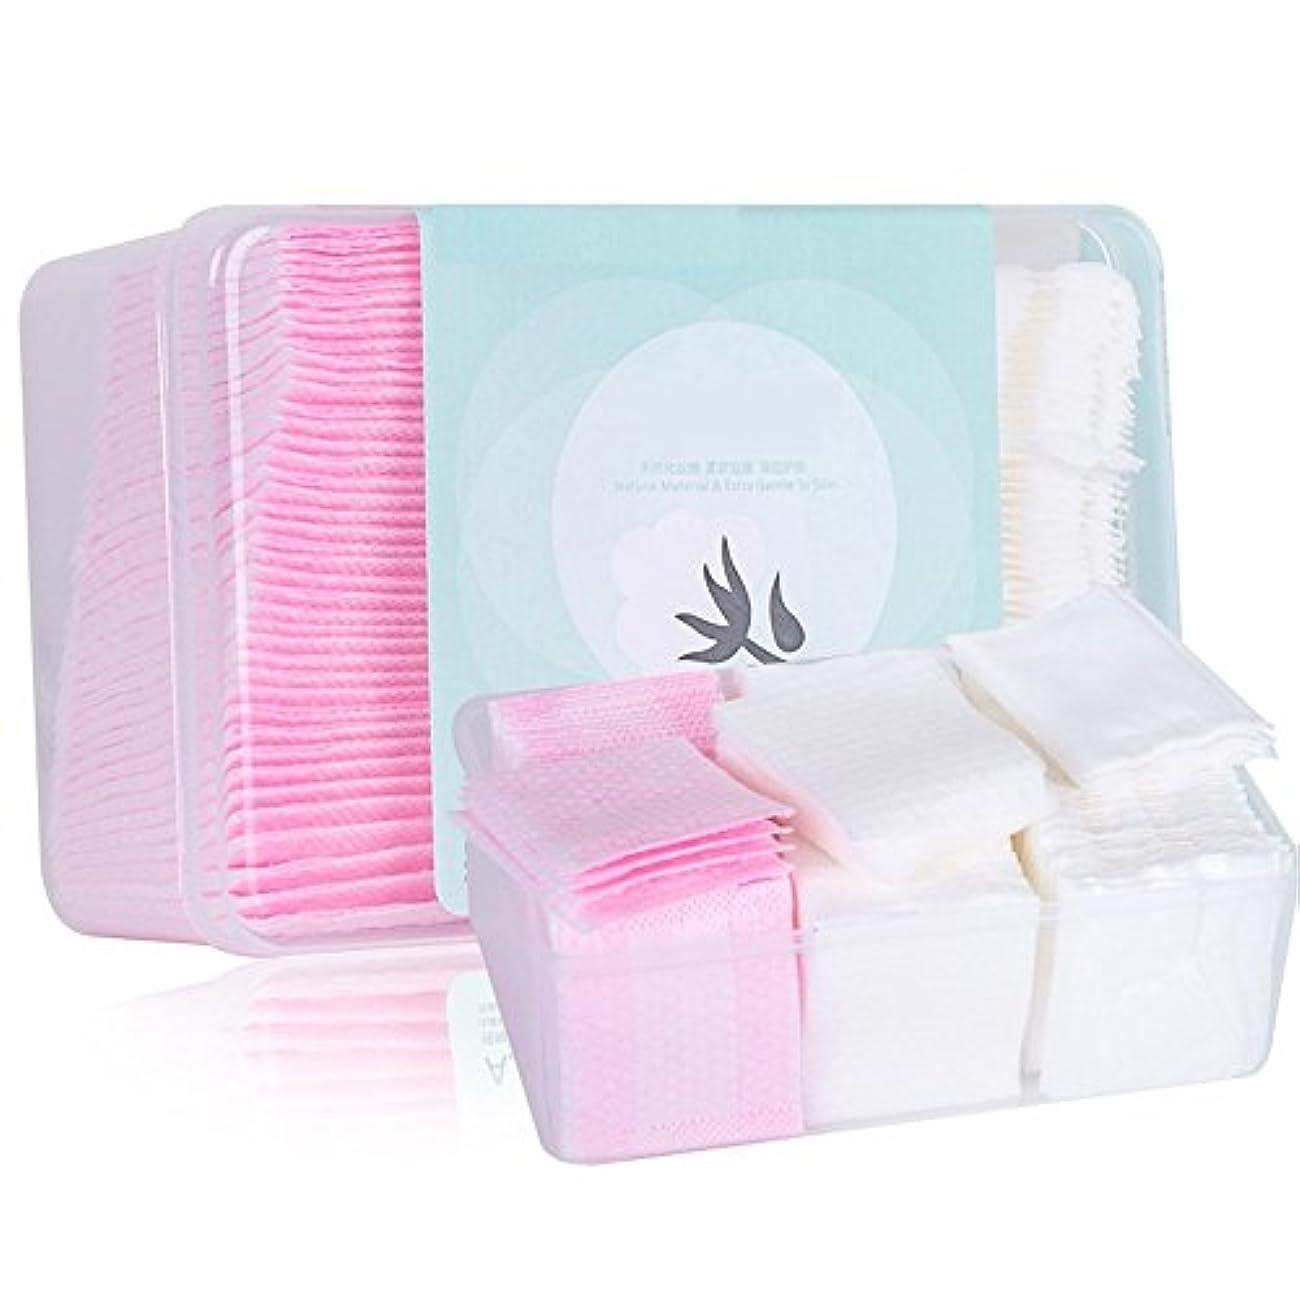 数値ペパーミント連続したAorunji 柔らかい 3 in 1ソフトリントフリーコットンパッド(アイメイク用リムーバー)Cosmetic Cotton(Appr.320pcs)